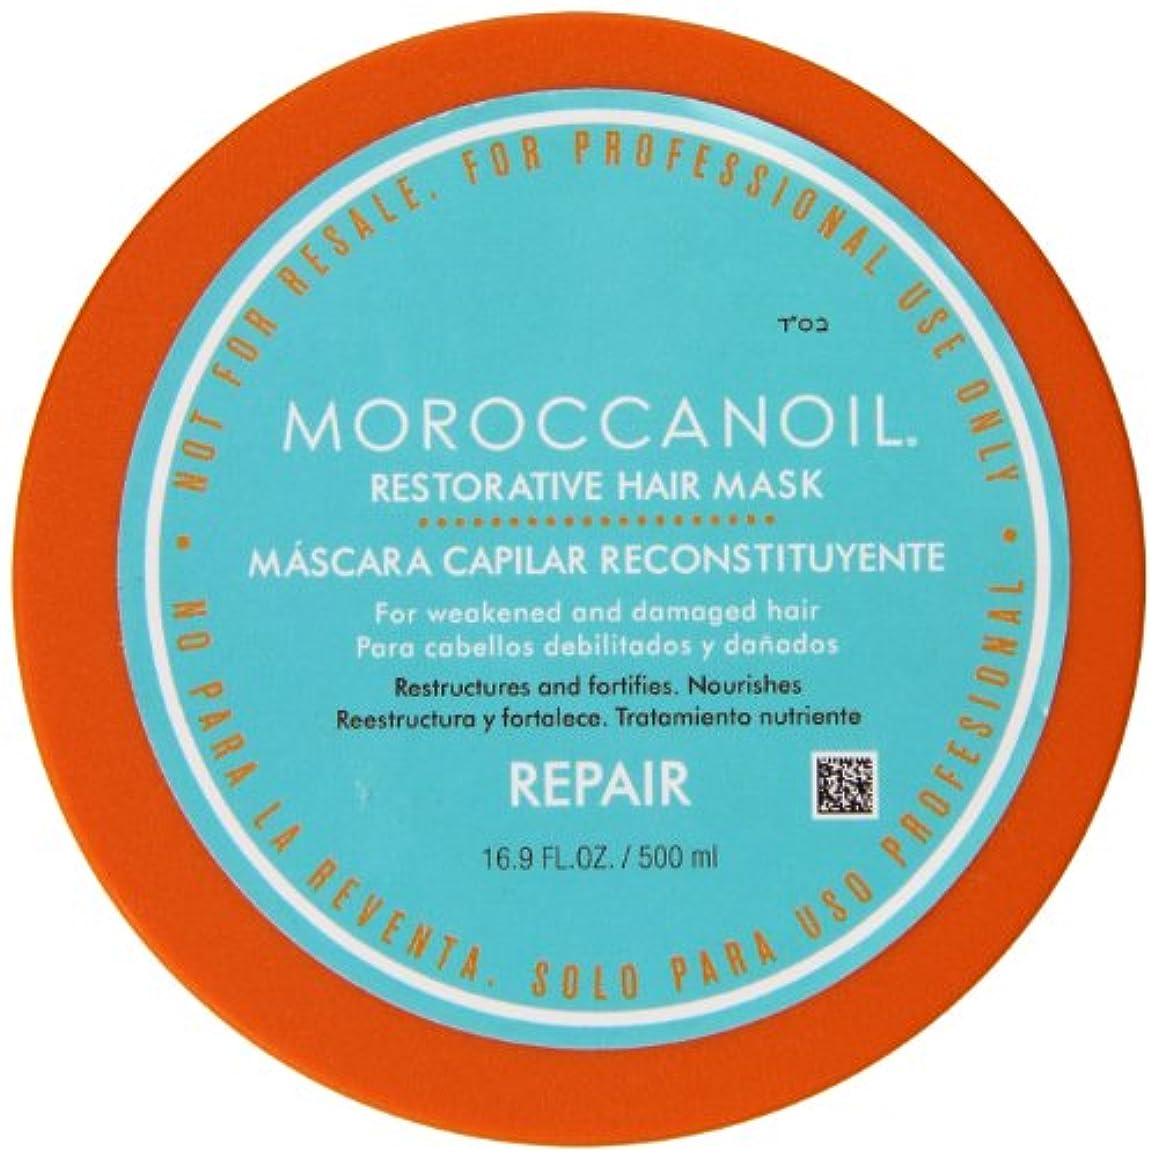 おしゃれな弱める破壊モロッカンオイル リストラクティブ ヘア マスク (ダメージを受けた髪用) 500ml/16.9oz並行輸入品